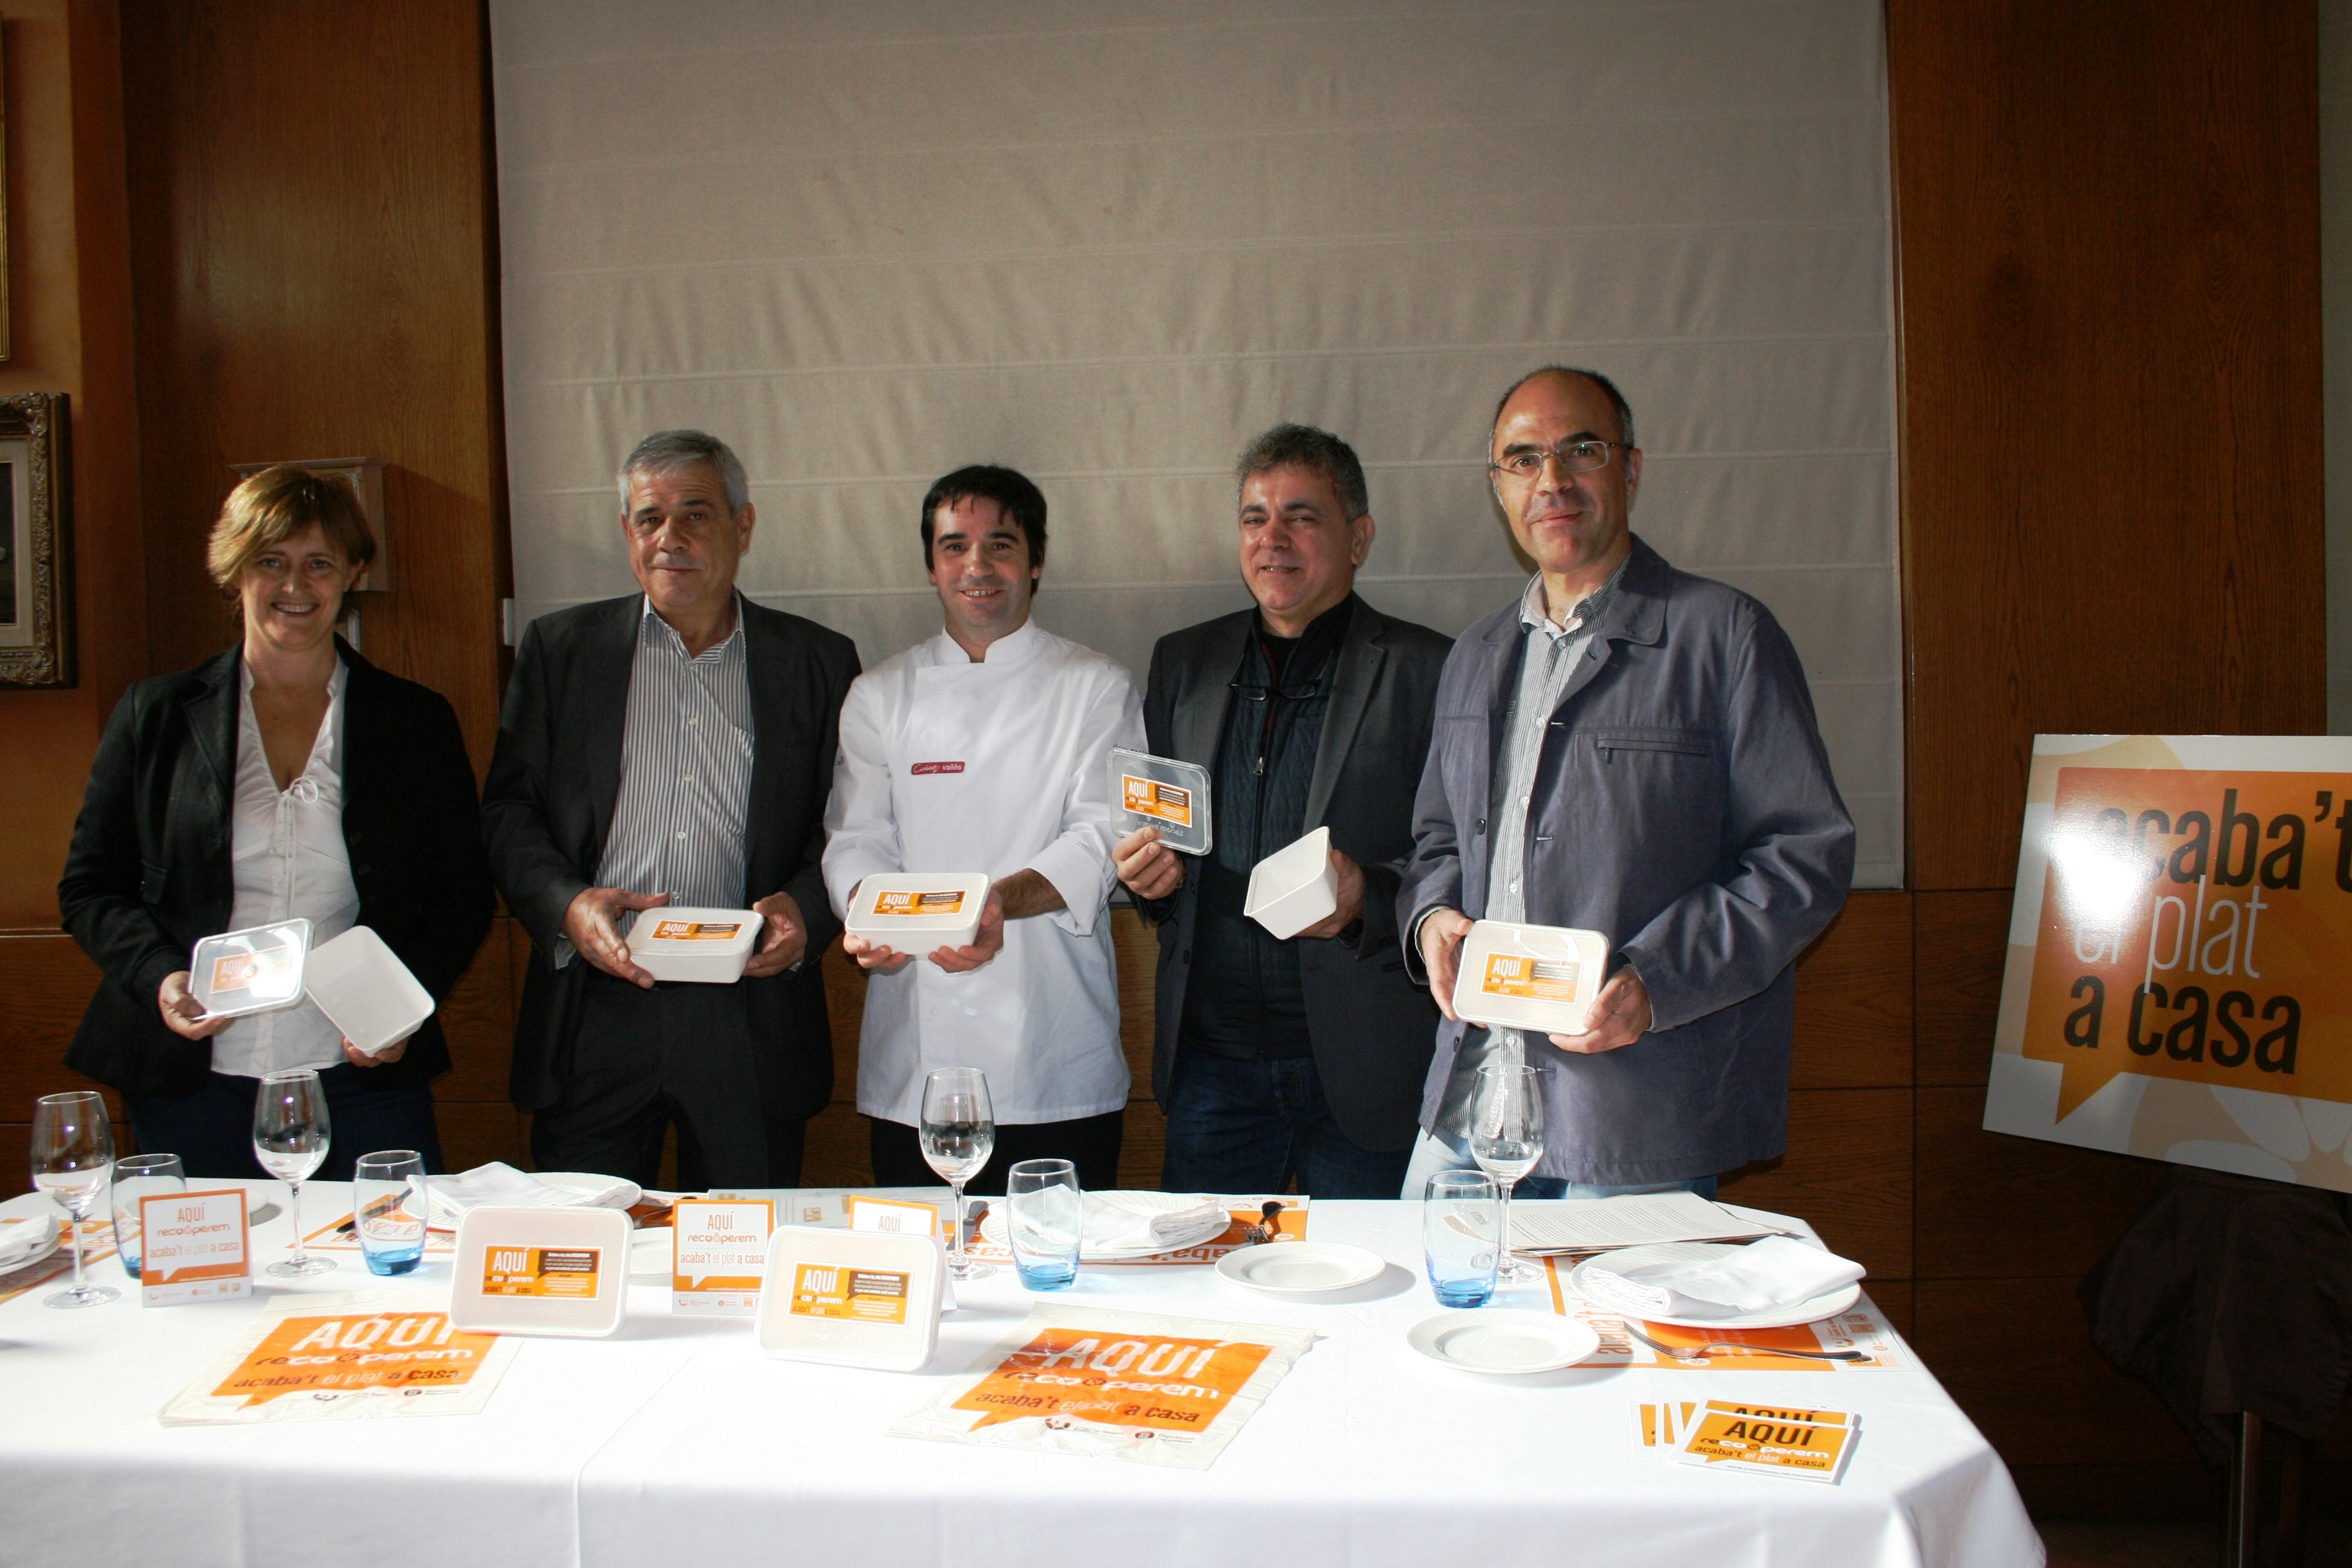 Prop de 140 restaurants participen a la campanya Acaba't el plat a casa a 18 municipis del Vallès Occidental